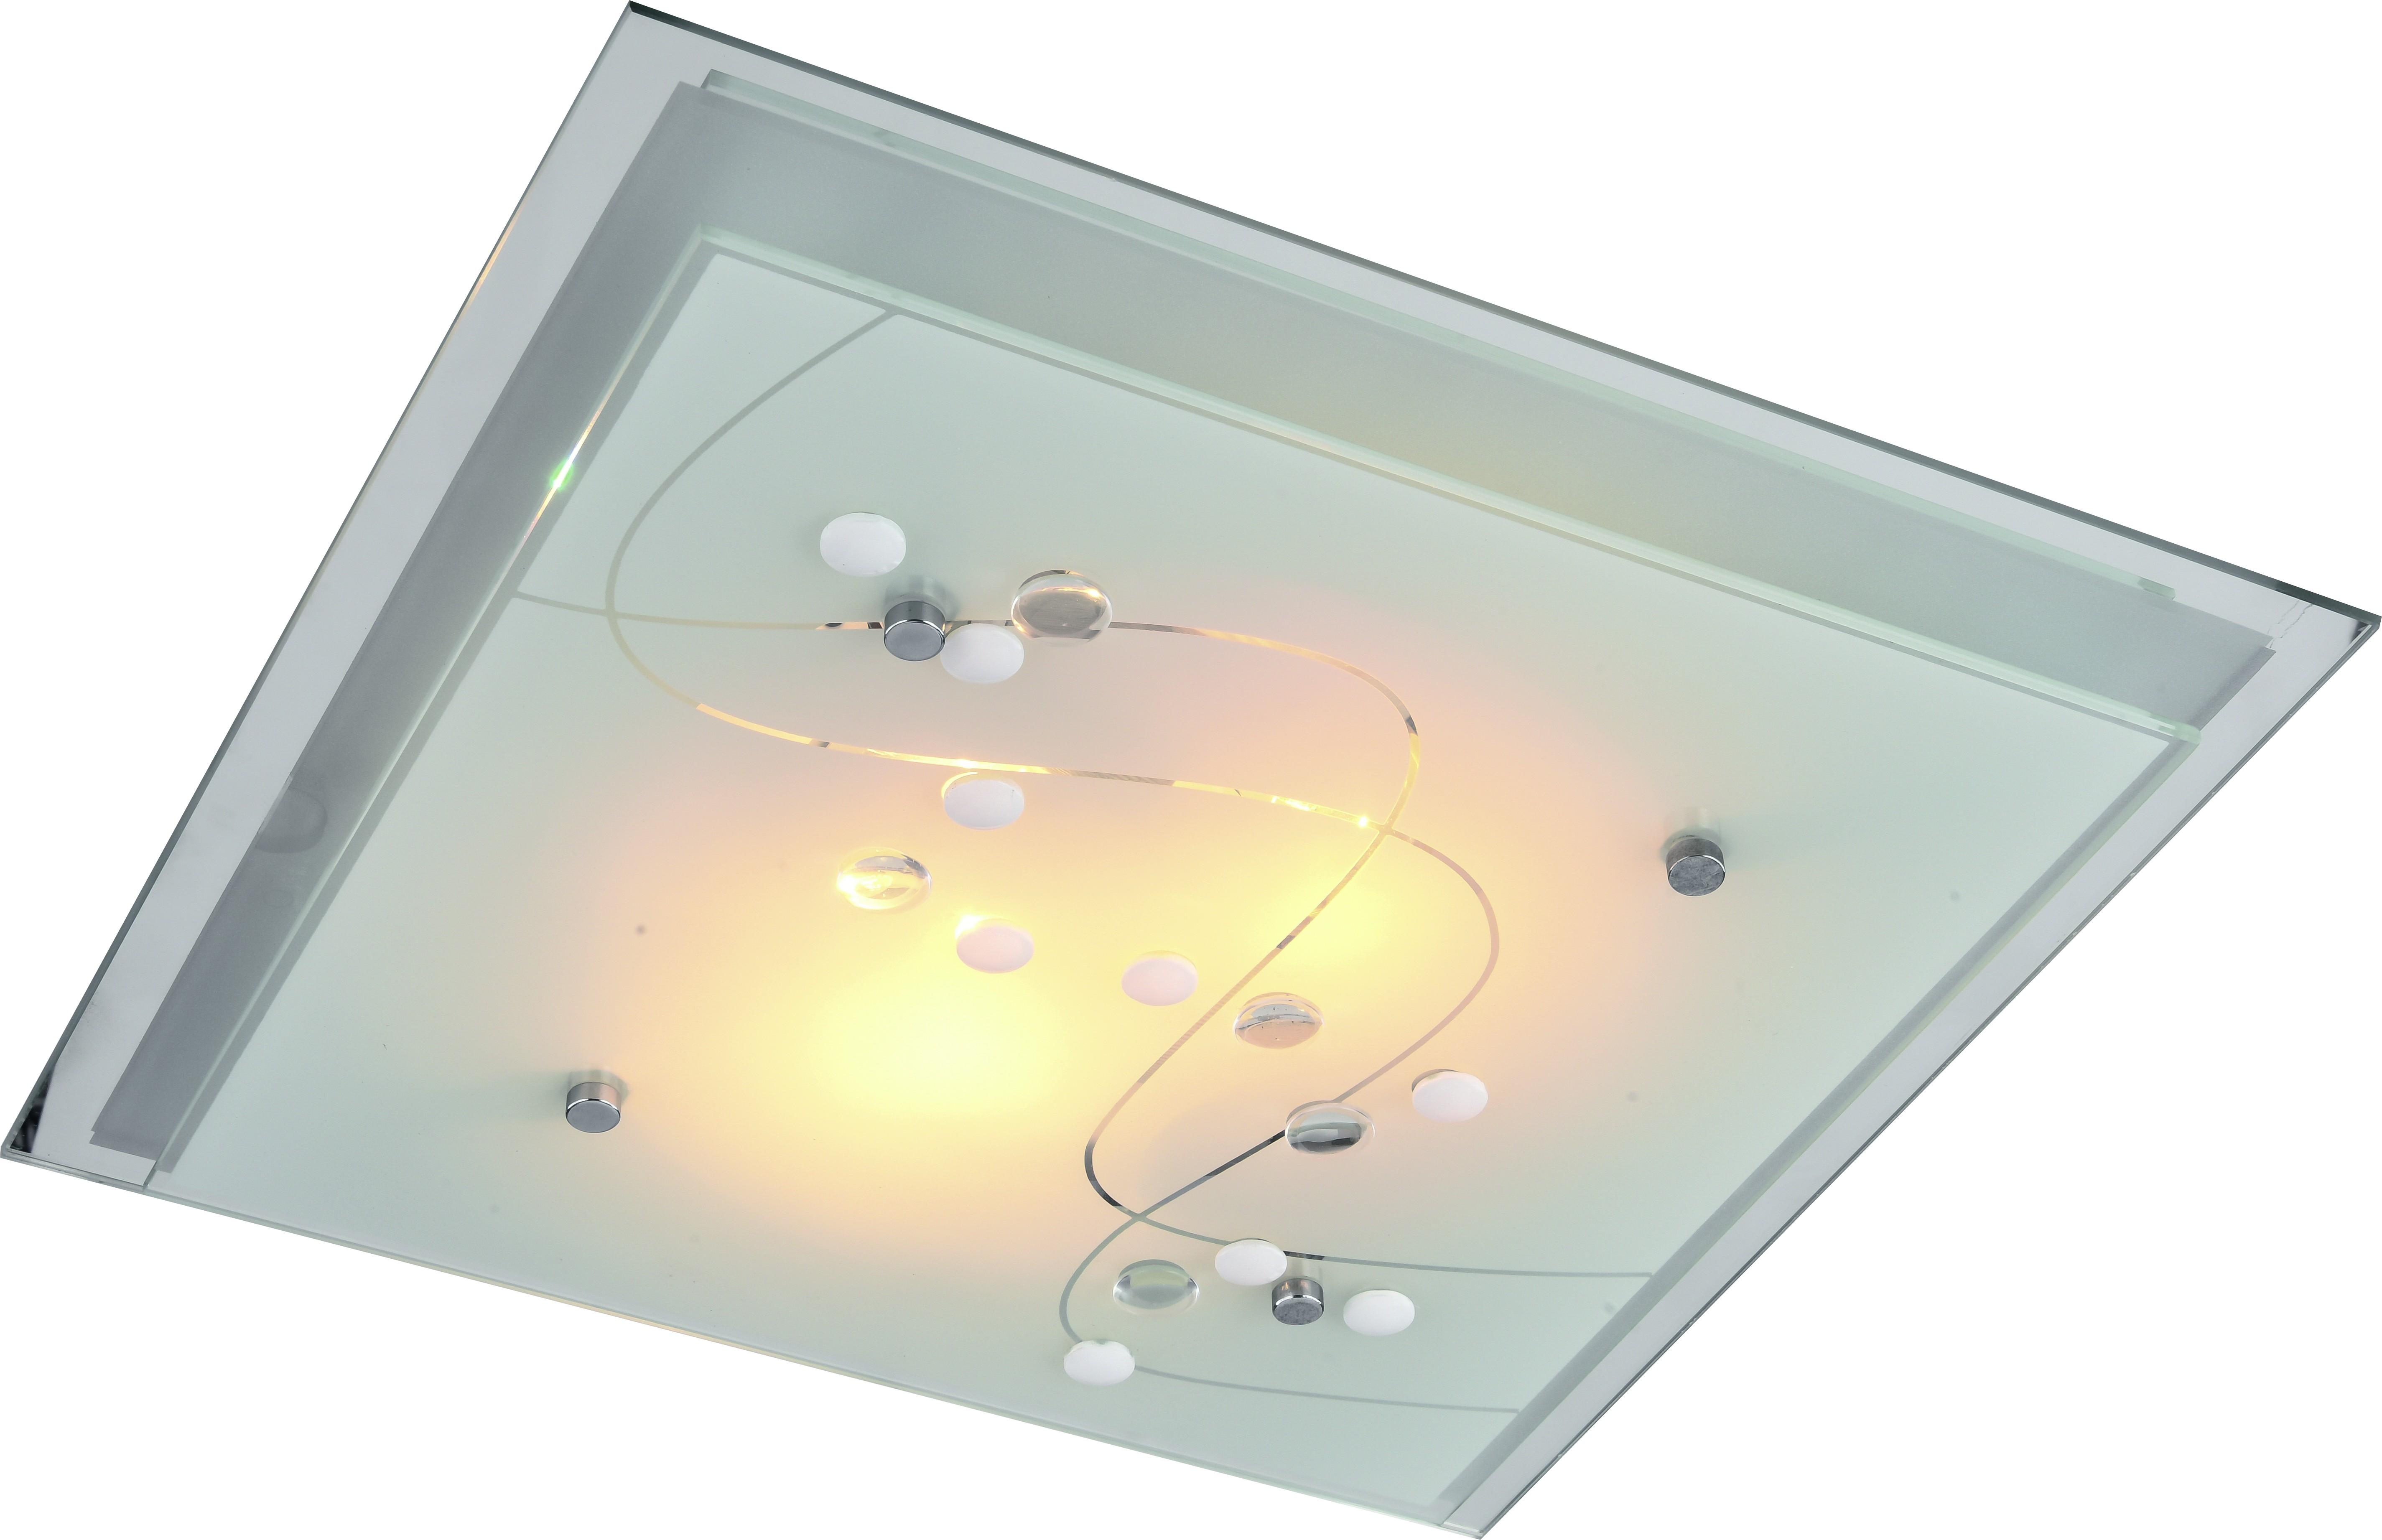 Светильник настенно-потолочный Arte lamp A4891pl-2cc светильник настенно потолочный arte lamp jasmine a4040pl 2cc 2x60вт e27 хром